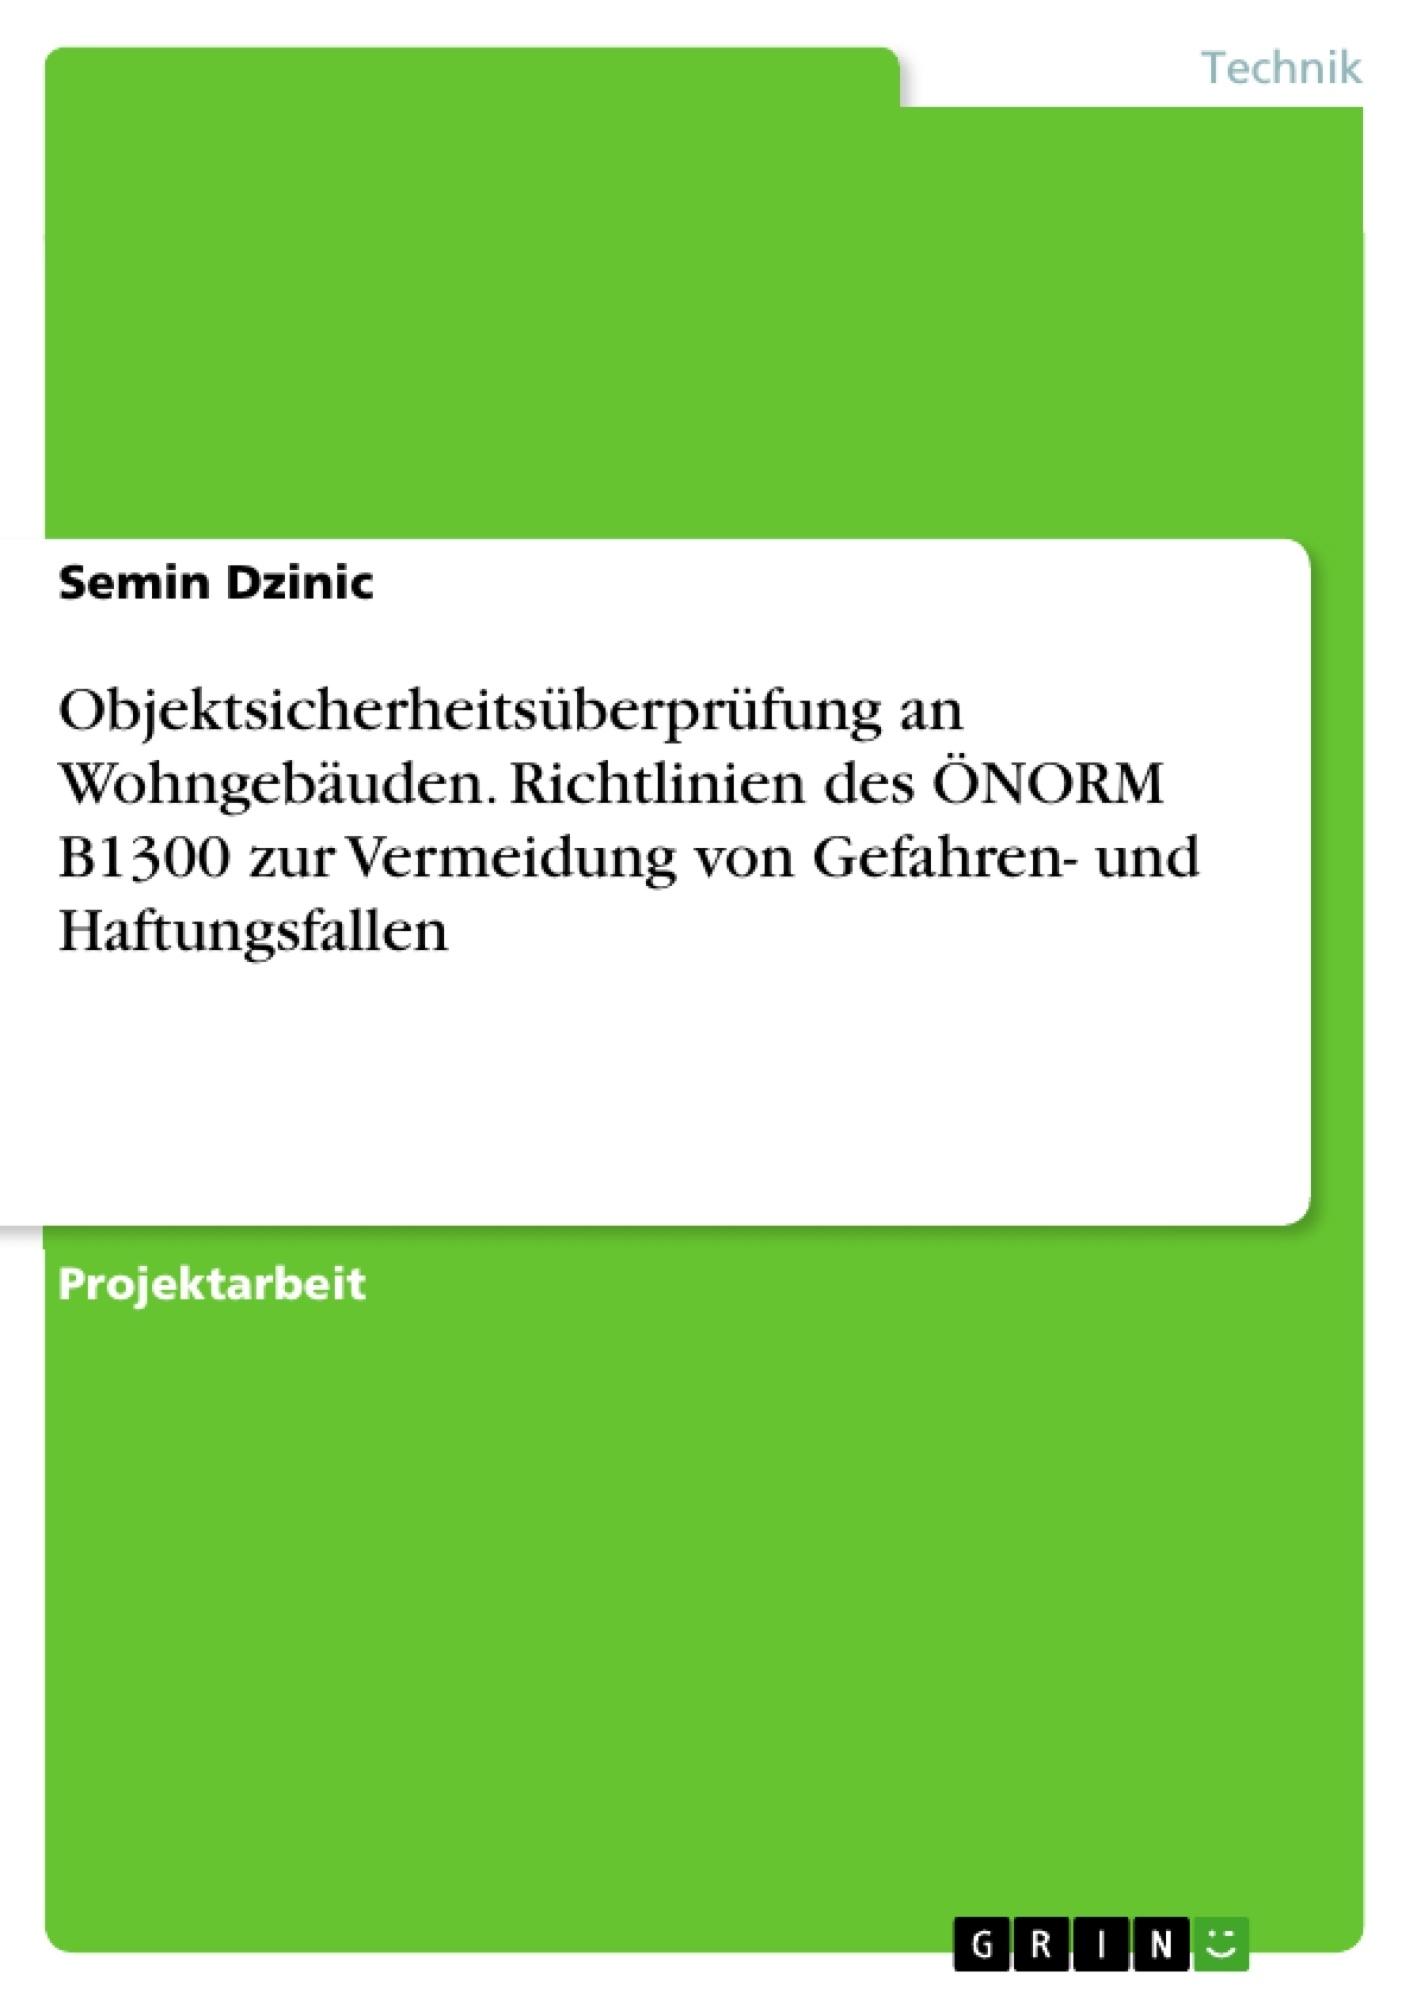 Titel: Objektsicherheitsüberprüfung an Wohngebäuden. Richtlinien des ÖNORM B1300 zur Vermeidung von Gefahren- und Haftungsfallen